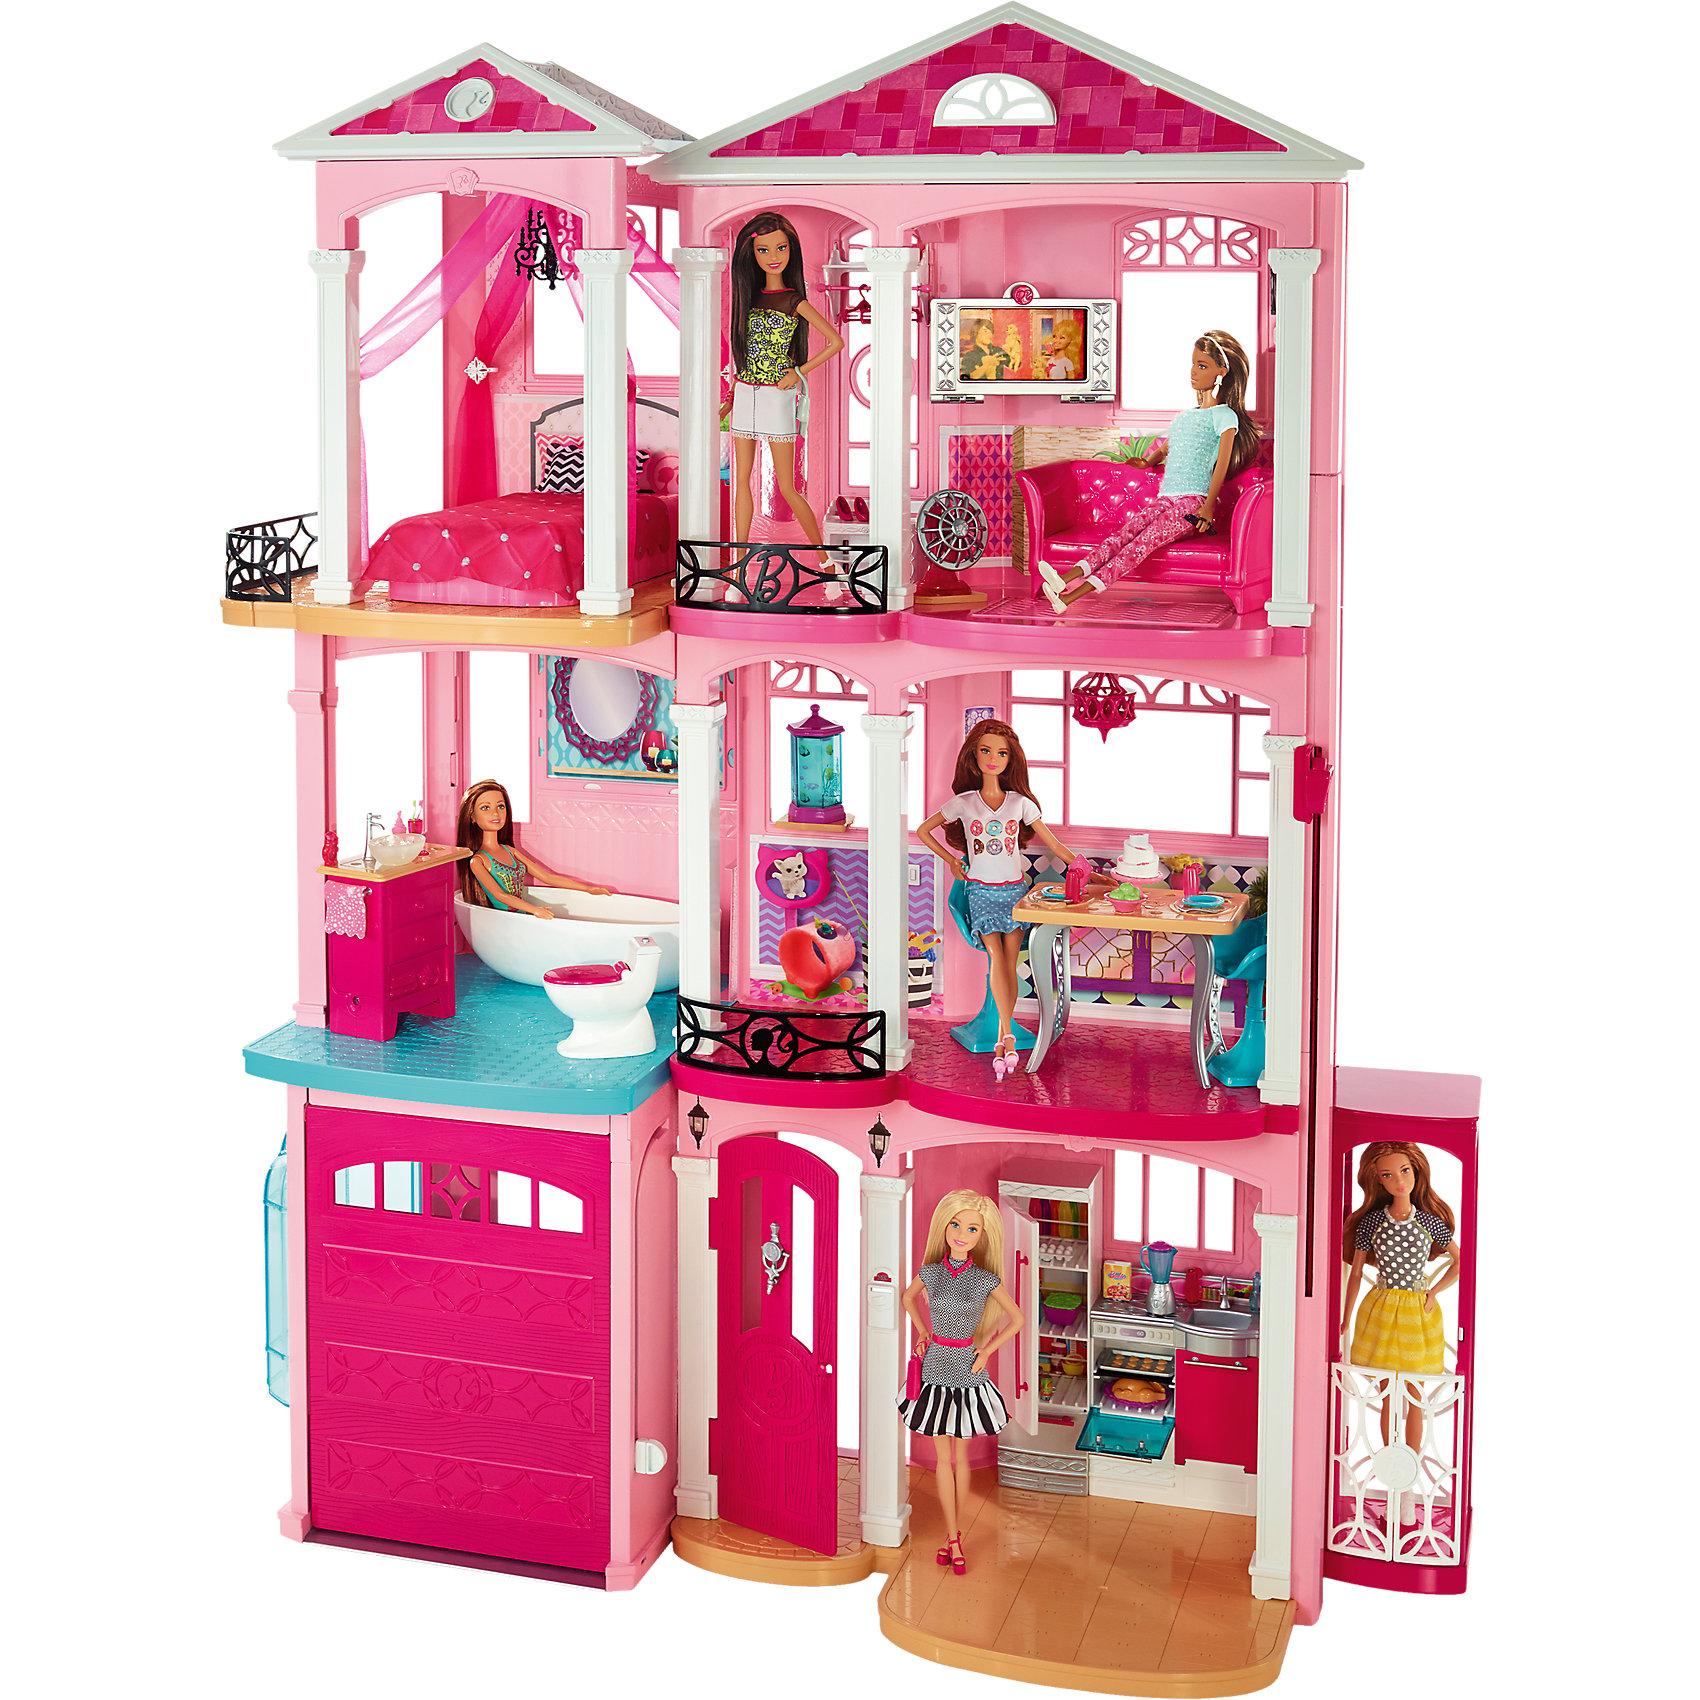 Дом мечты BarbieСамый лучший дом для самой лучшей куклы на свете! В этом доме есть все, для прекрасной и беззаботной жизни. Он состоит из трех этажей, на первом этаже располагается гараж и кухня. В чудесной просторной кухне Барби и ее подруги смогут приготовить множество изысканных блюд. Скорее поднимайся на второй этаж, здесь ты сможешь принять освежающую ванну и после этого проследовать в столовую, накрывать на стол. На третьем этаже располагается уютная спальня и гостиная для встречи с любимыми друзьями. Не обязательно спускаться и подниматься самостоятельно: в доме работает настоящий лифт! Рядом  располагается шикарный бассейн, в котором Барби может отдыхать и плескаться в жаркую погоду. В доме множество мебели и нужных аксессуаров, он так походит на настоящий особняк. Скорее приглашай друзей и устраивай шикарную вечеринку вместе с Барби. Все детали набора выполнены из высококачественного прочного пластика и прекрасно проработаны. Ваша малышка придет в неописуемый восторг от такого чудесного подарка! <br><br>Дополнительная информация:<br><br>- Материал: пластик.<br>- Размер дома: 20х75х85 см.<br>- Куклы, автомобиль и домашние животные продаются отдельно. <br>- Элемент питания: 3 ААА батарейки (не входят в комплект).<br><br>Дом мечты Barbie (Барби) можно купить в нашем магазине.<br><br>Ширина мм: 762<br>Глубина мм: 762<br>Высота мм: 212<br>Вес г: 12000<br>Возраст от месяцев: 36<br>Возраст до месяцев: 72<br>Пол: Женский<br>Возраст: Детский<br>SKU: 4132290